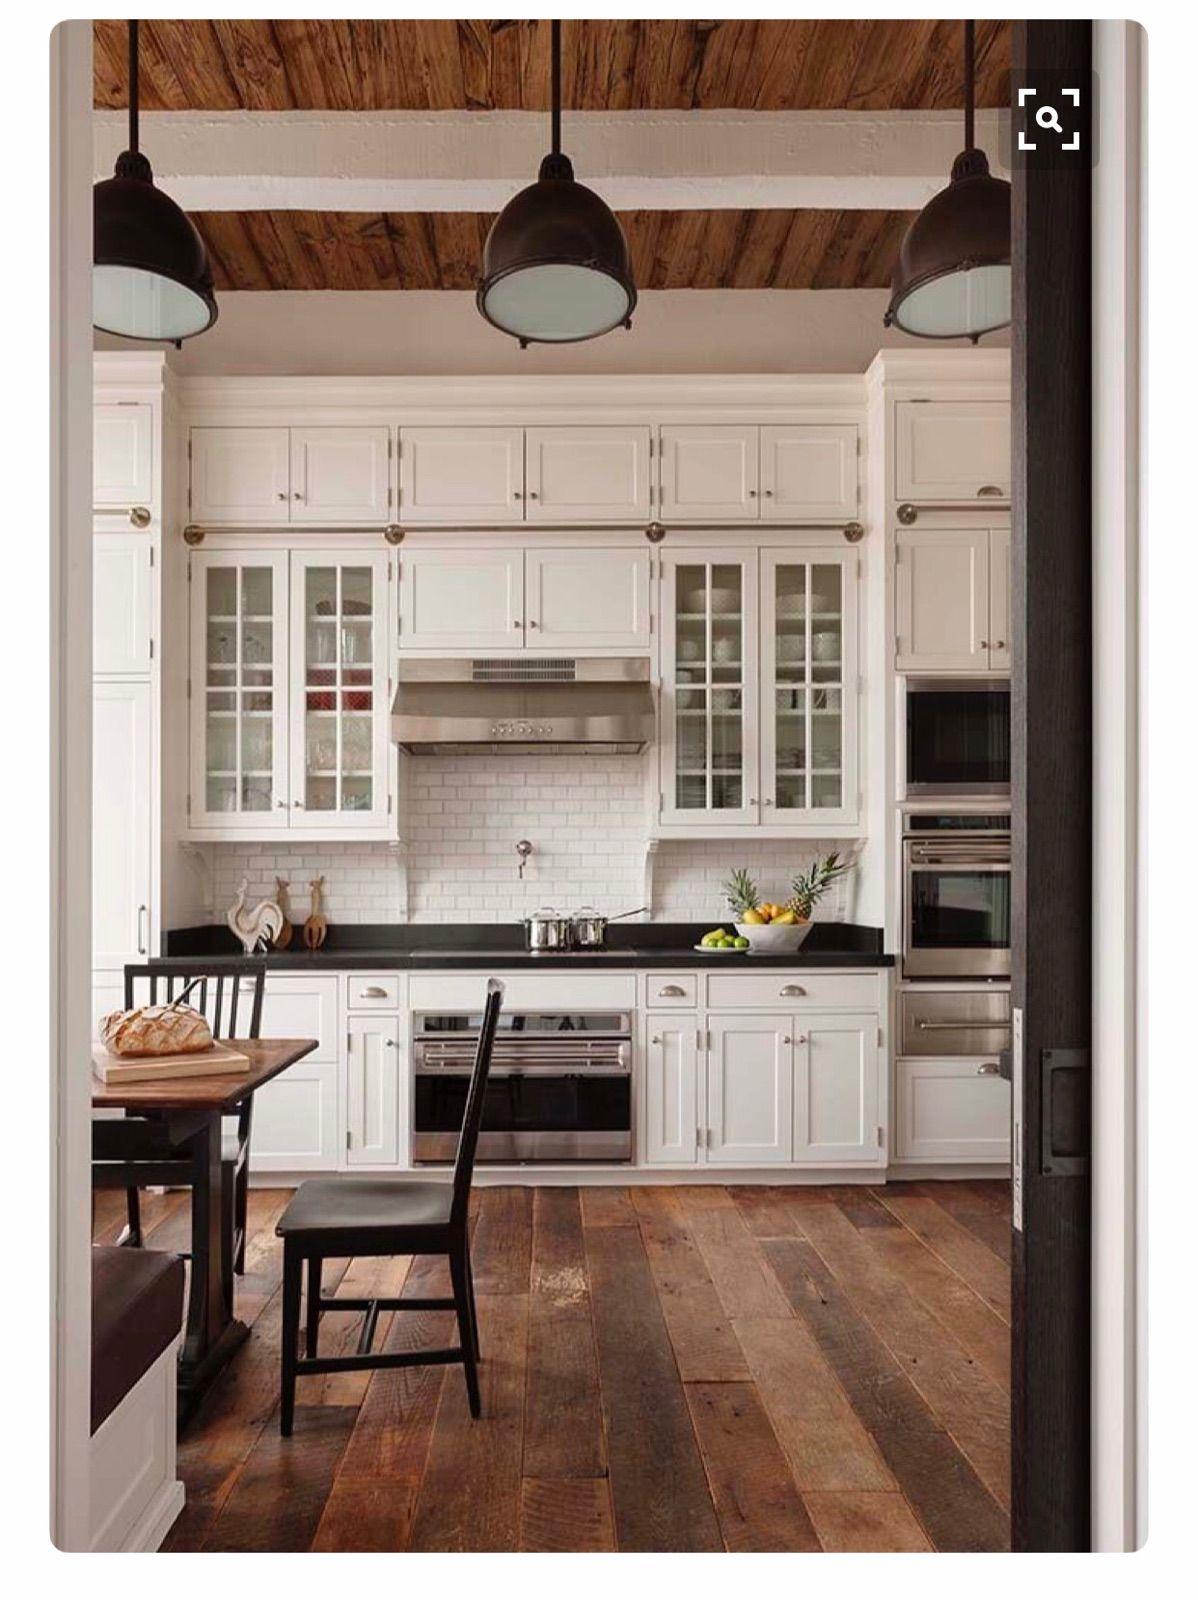 Pin By Debbie Besser On Kitchen Farmhouse Kitchen Design Rustic Farmhouse Kitchen Modern Farmhouse Kitchens